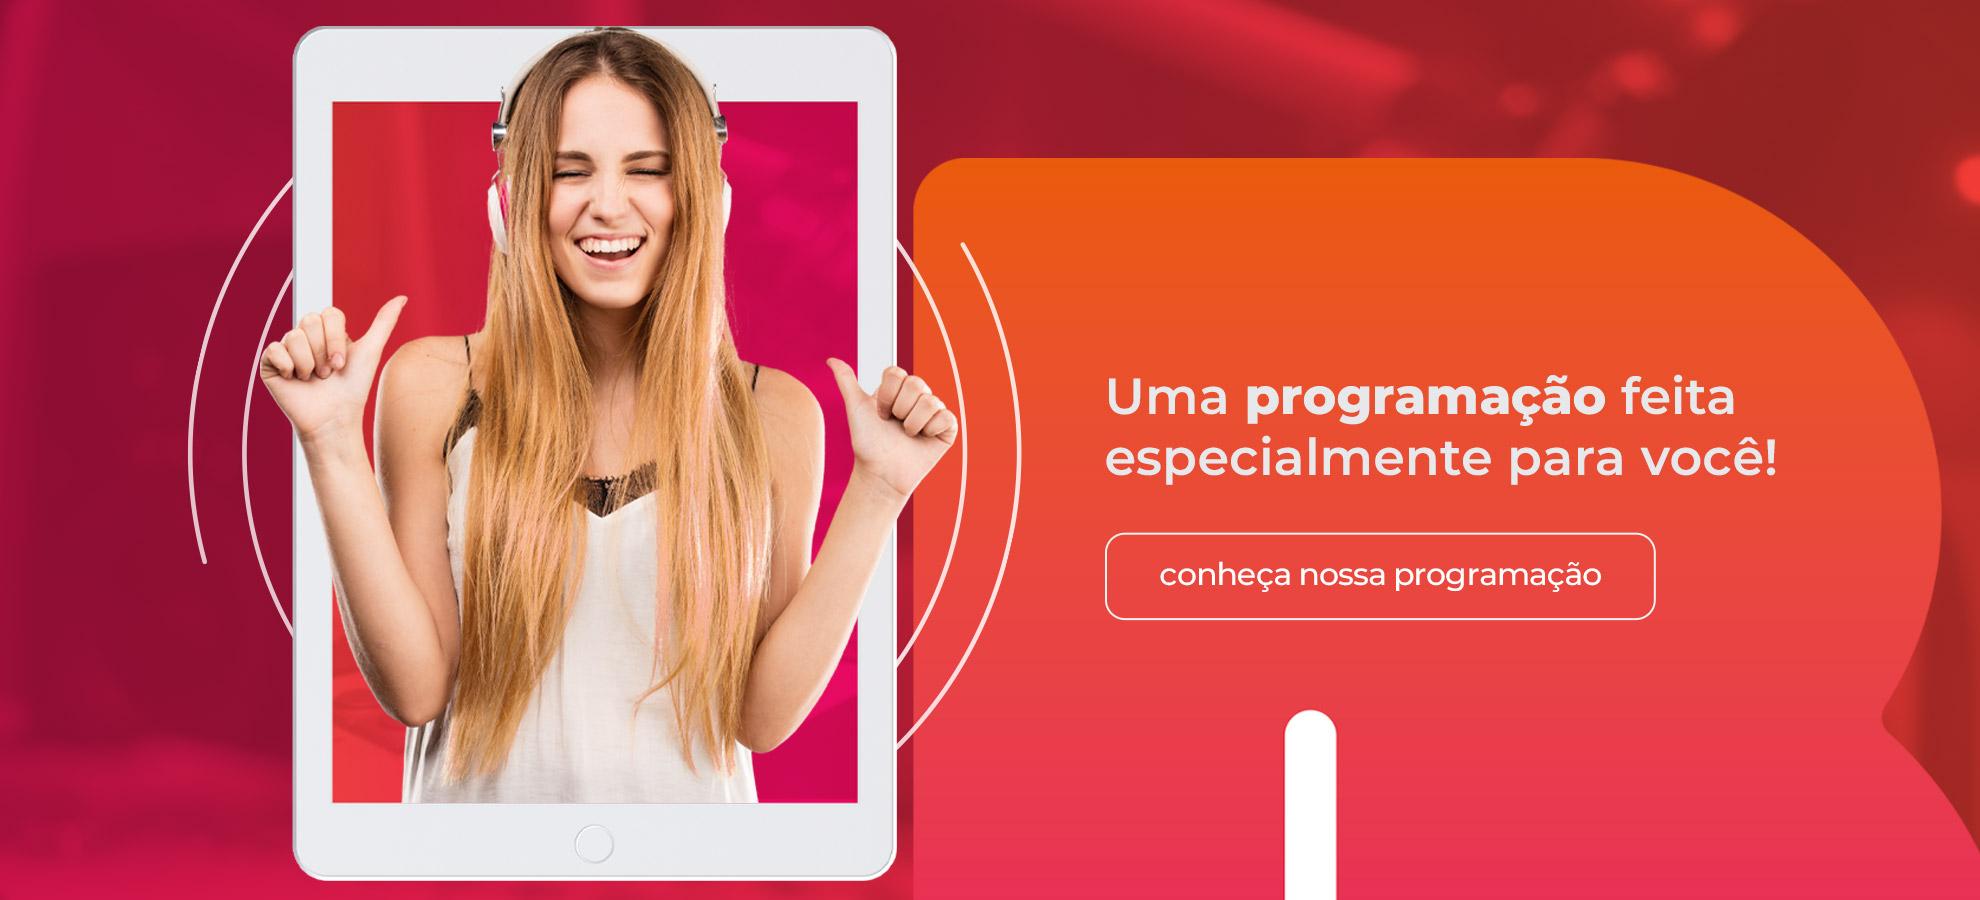 Slide Bianca FM - Programação